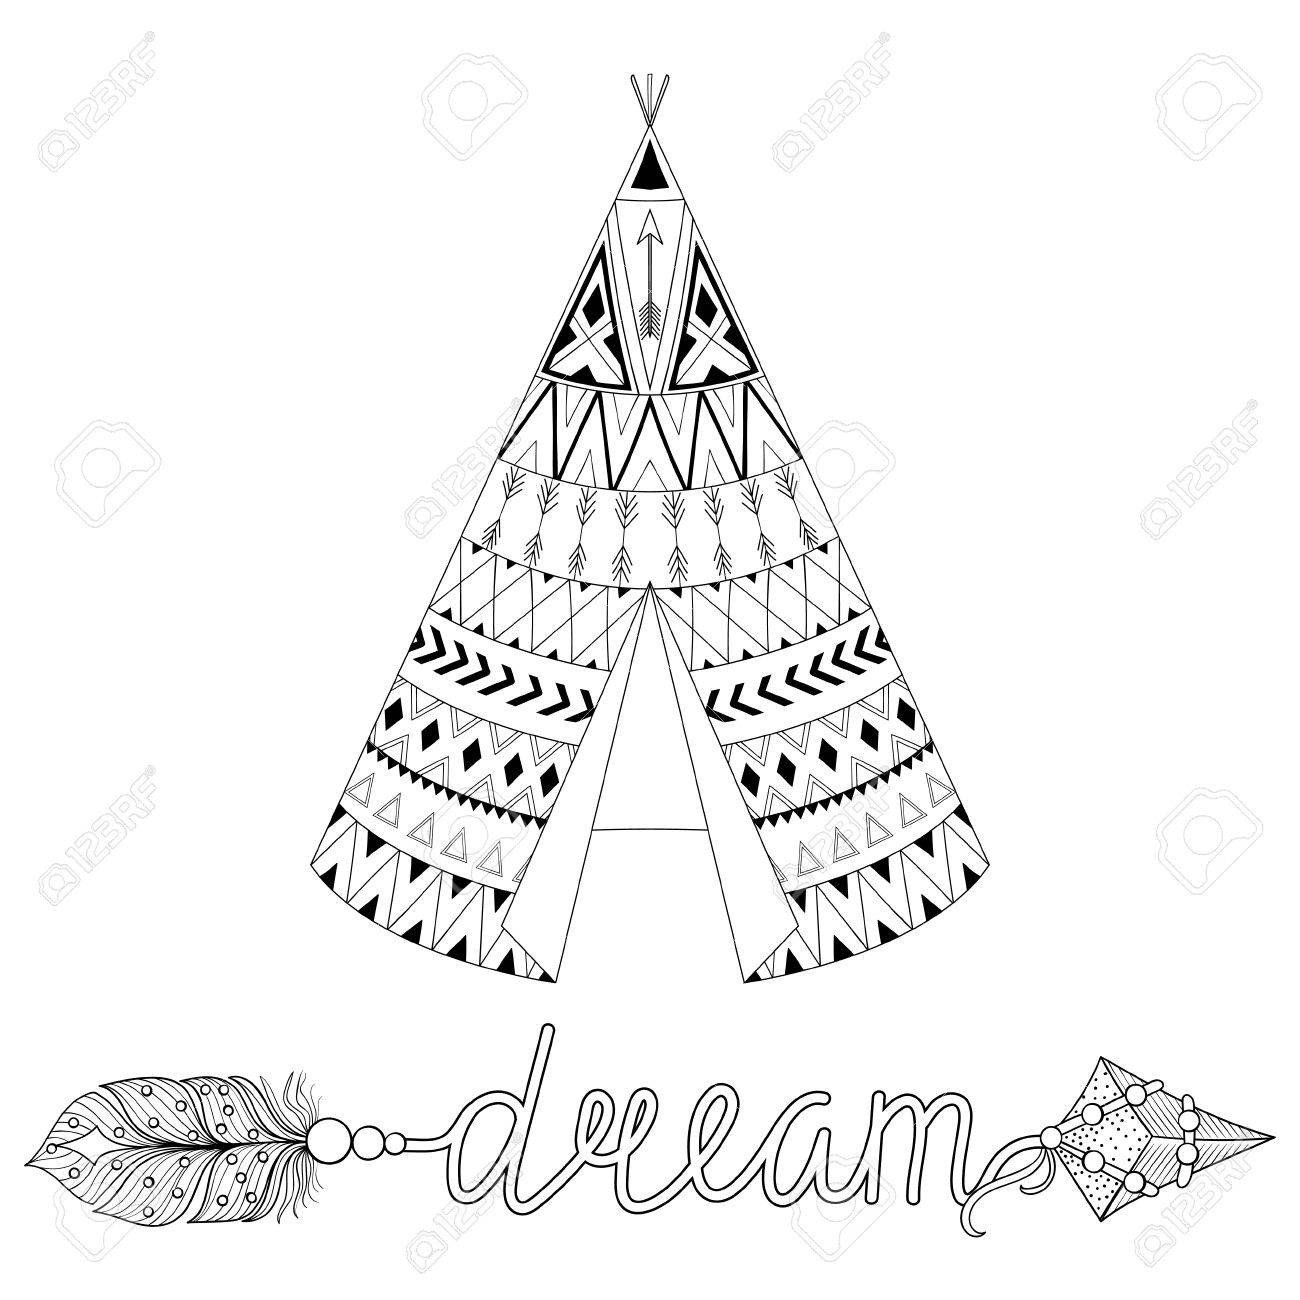 1300x1300 Hand Drawn American Native Wigwam With Ethnic Ornamental Elements